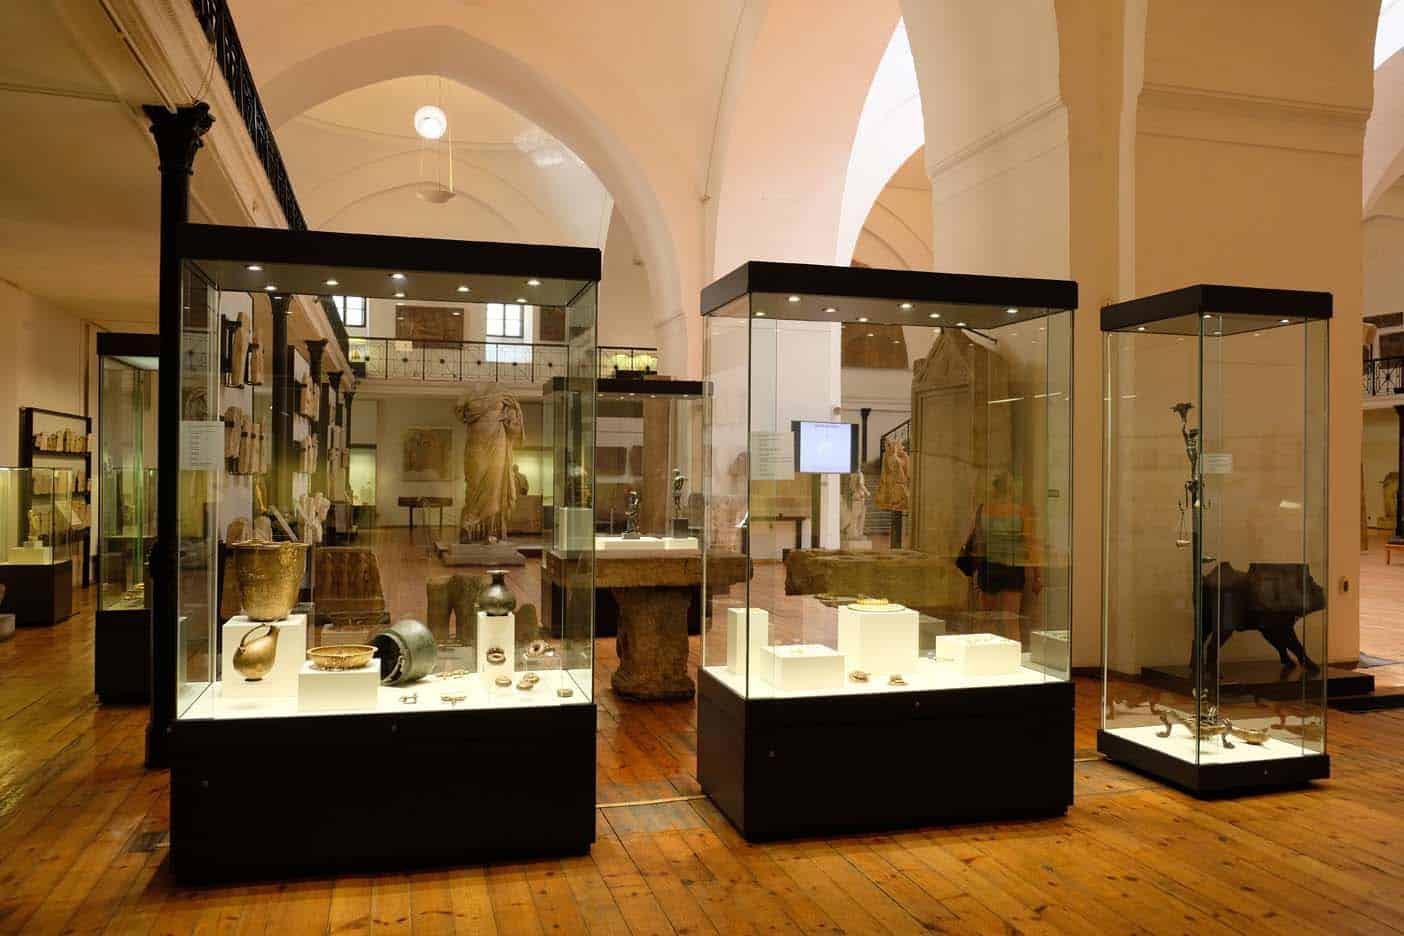 Archeologie museum Sofia